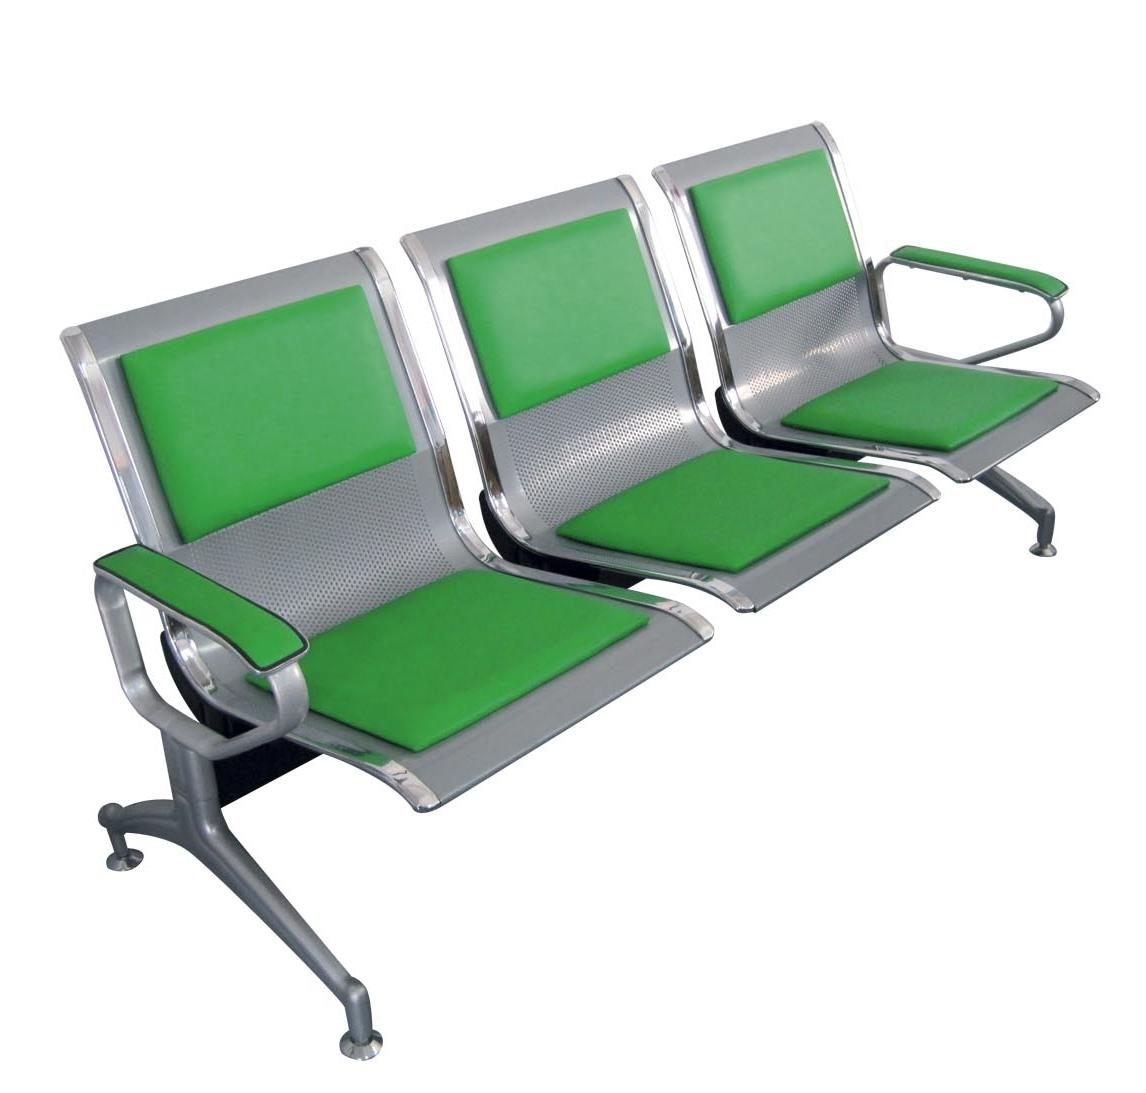 等候椅CH-J018